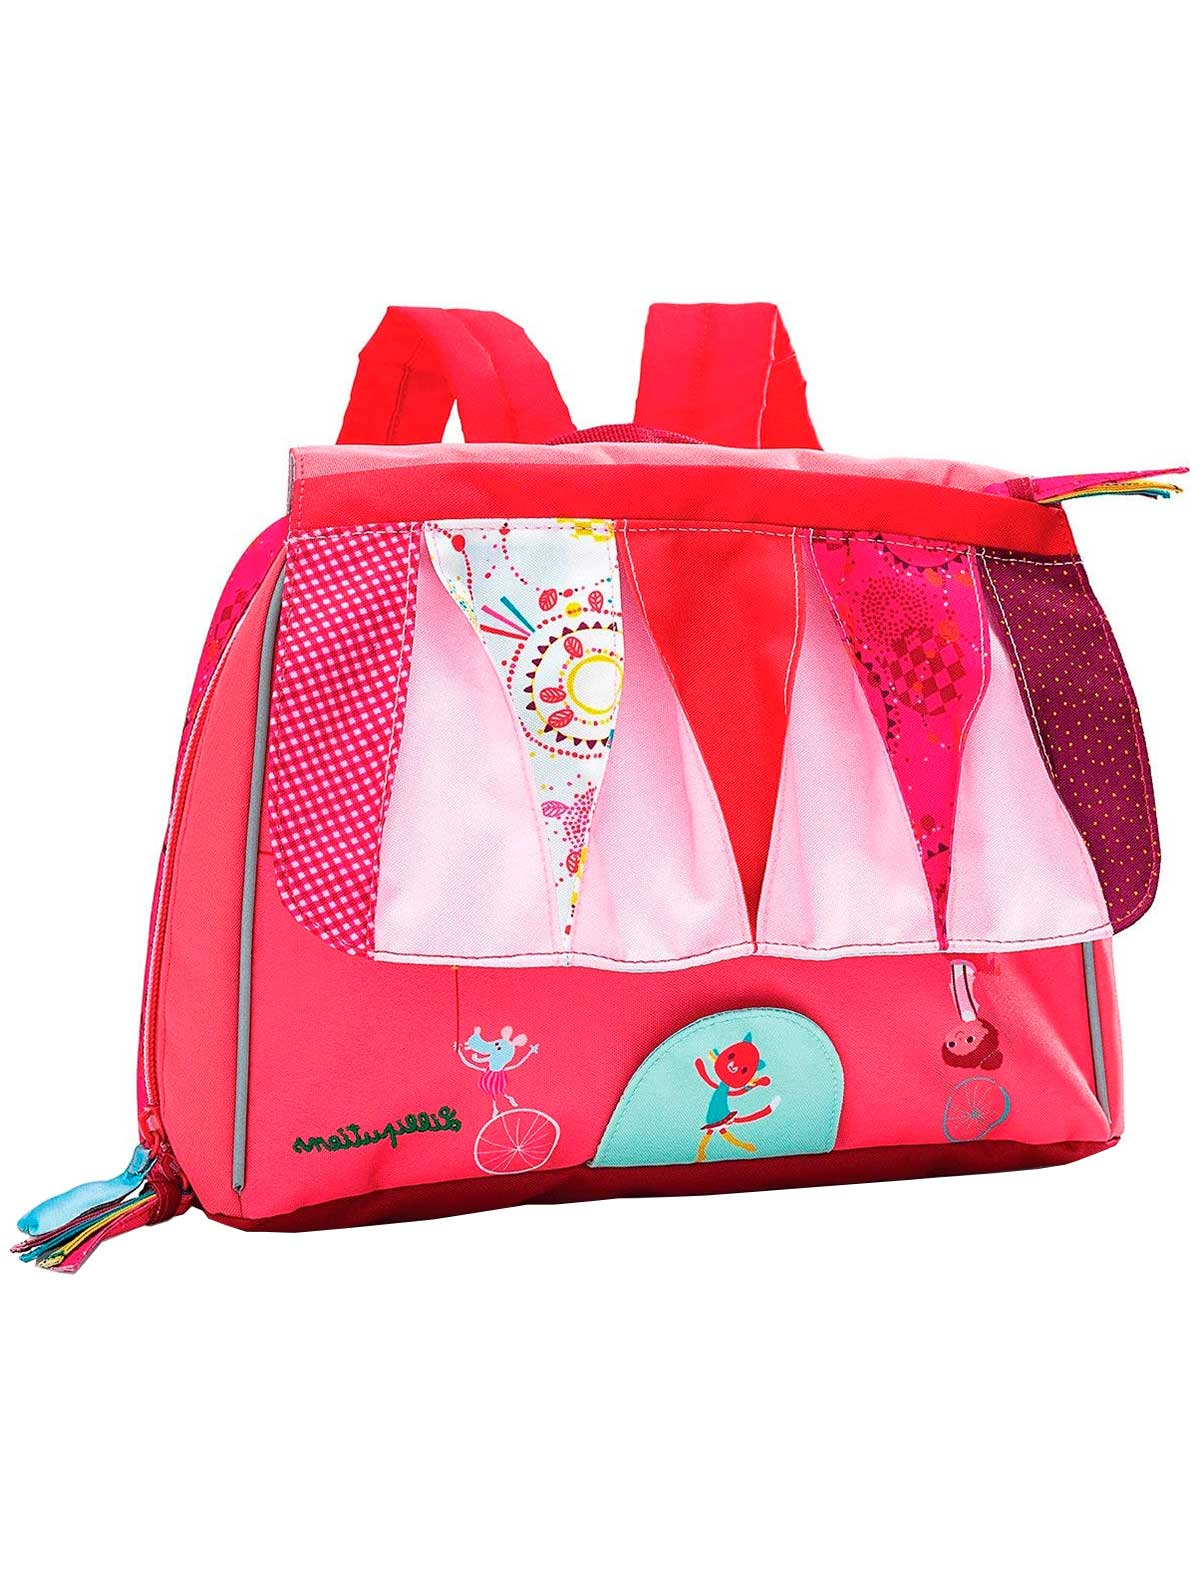 Купить 2258116, Рюкзак Lilliputiens, розовый, Женский, 1504508080346